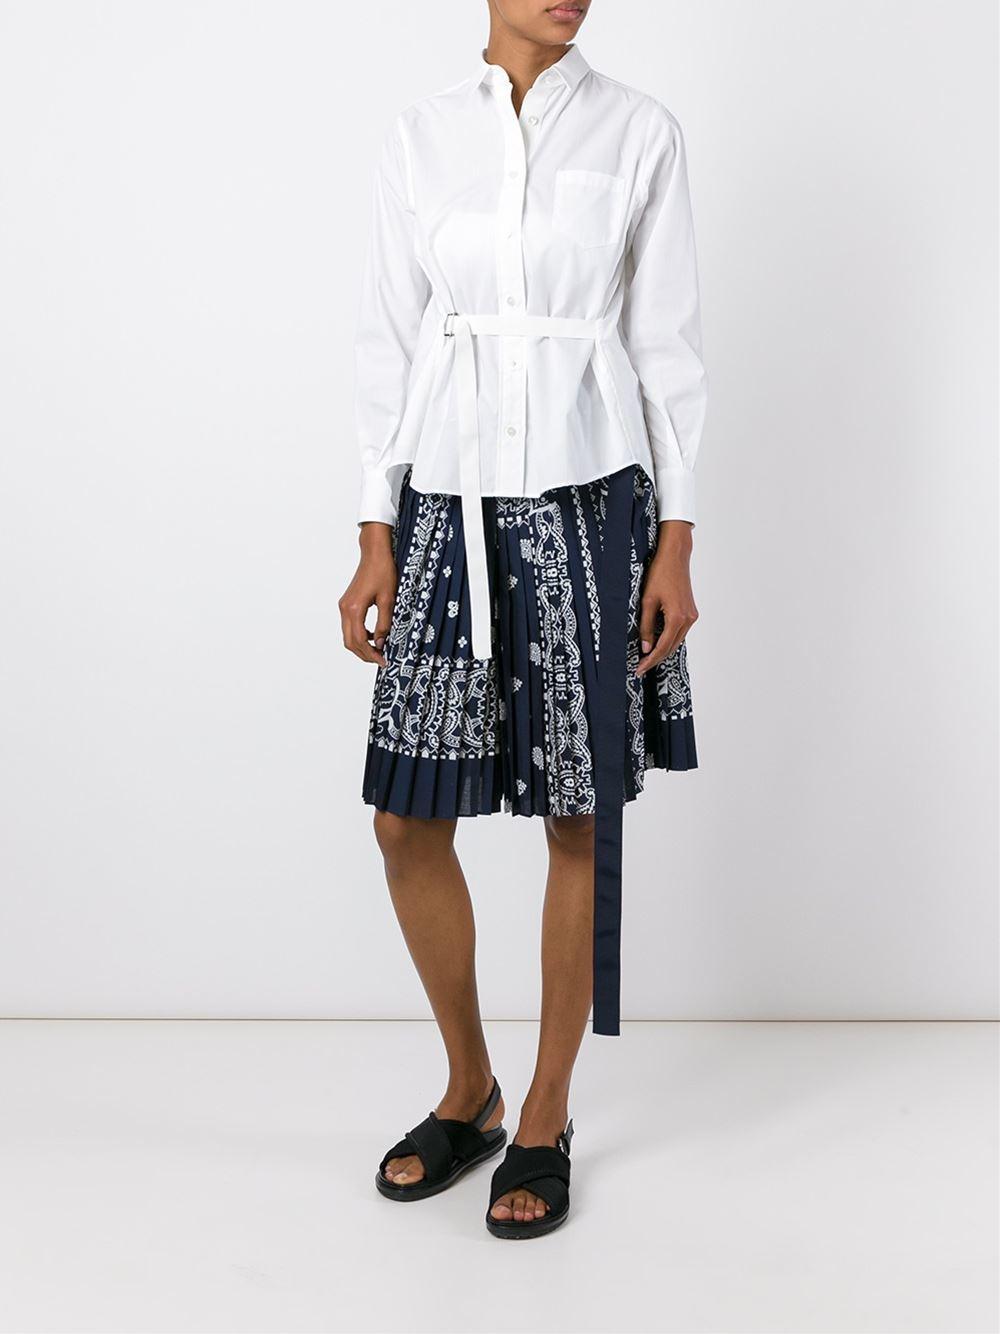 Sacai Clothing Brand